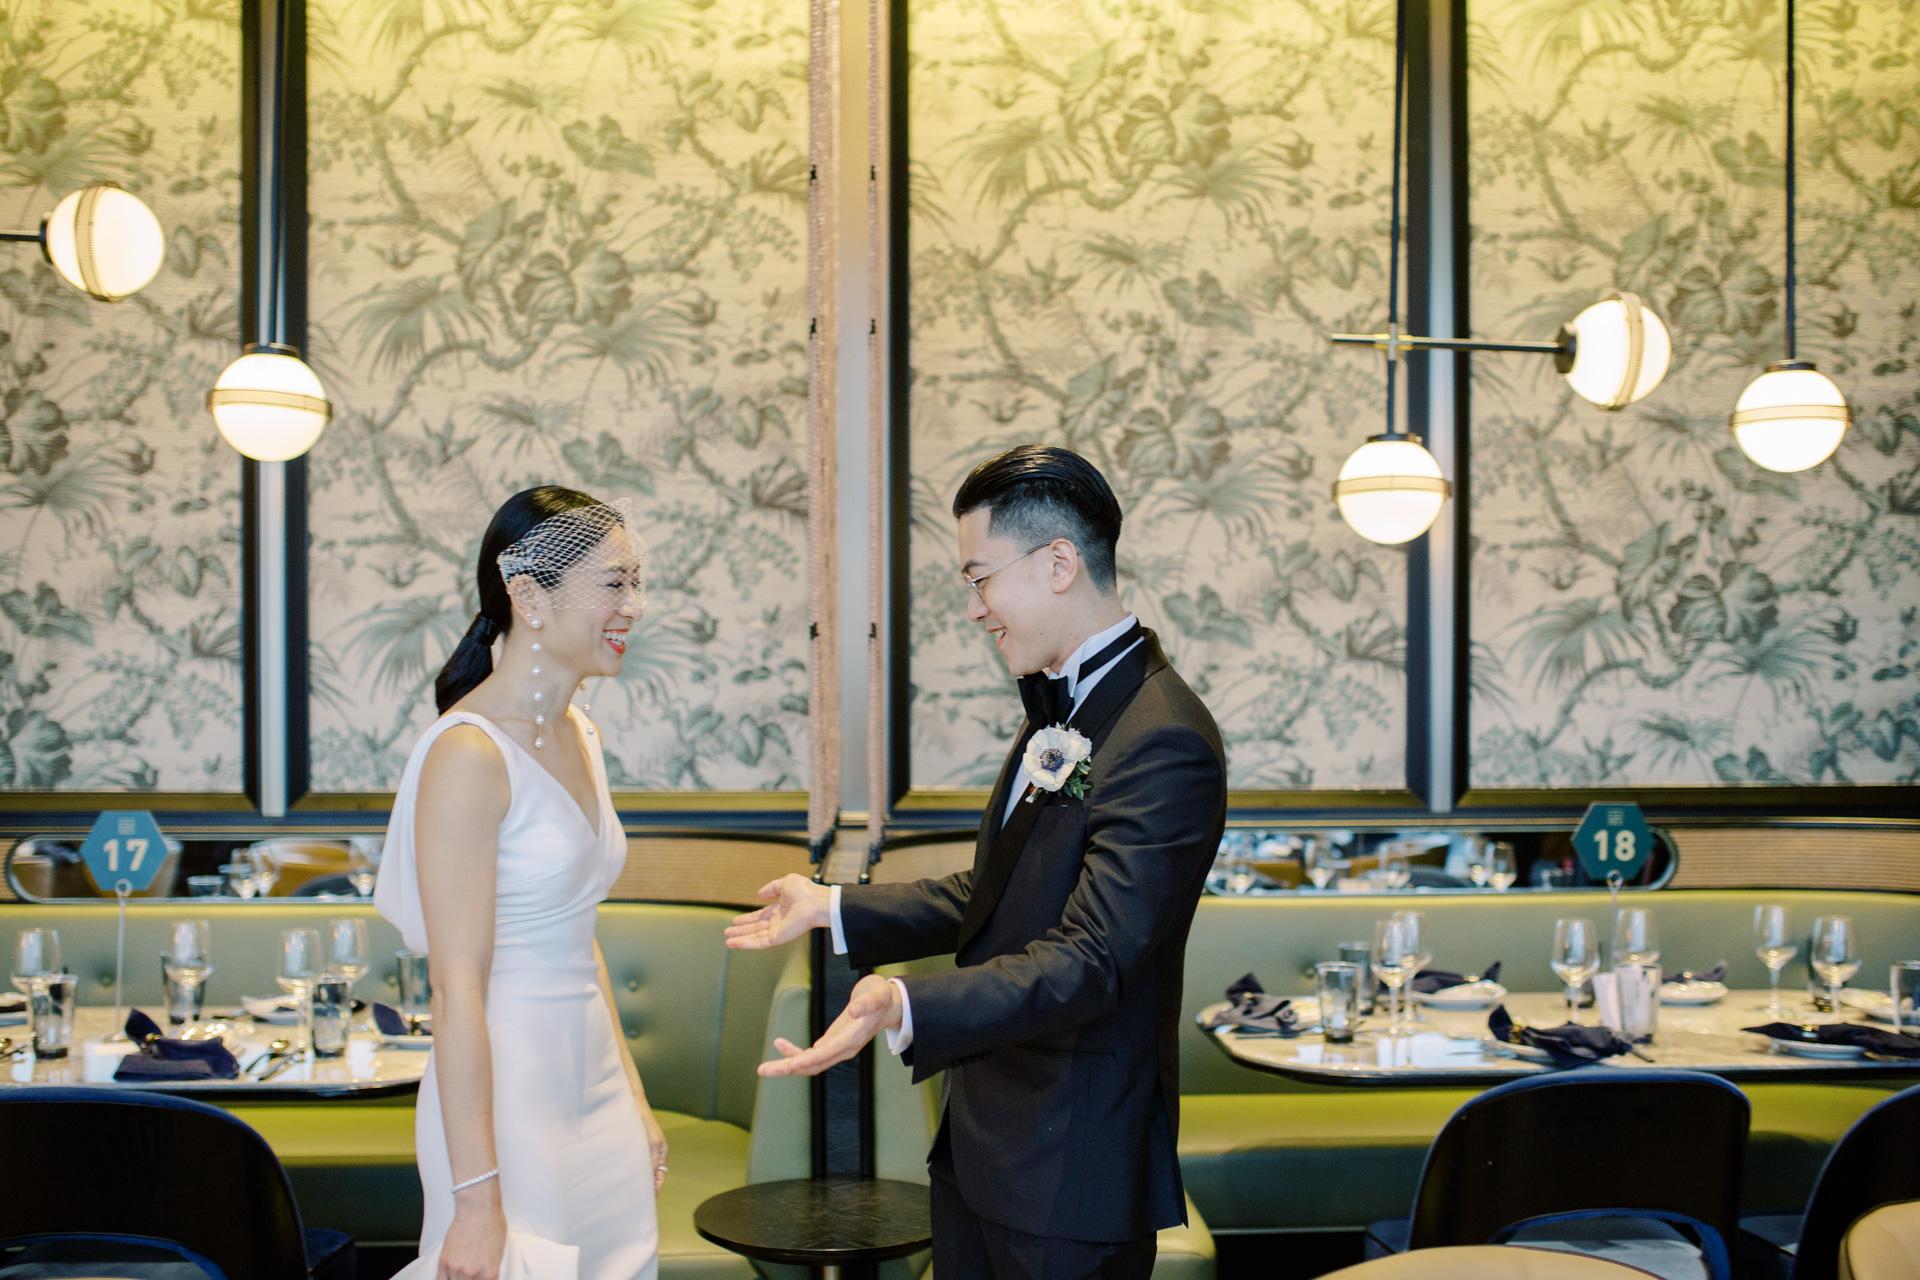 nikkiloveu-hongkong-wedding-day-hexa-ant-cat-lauhaus-016.jpg